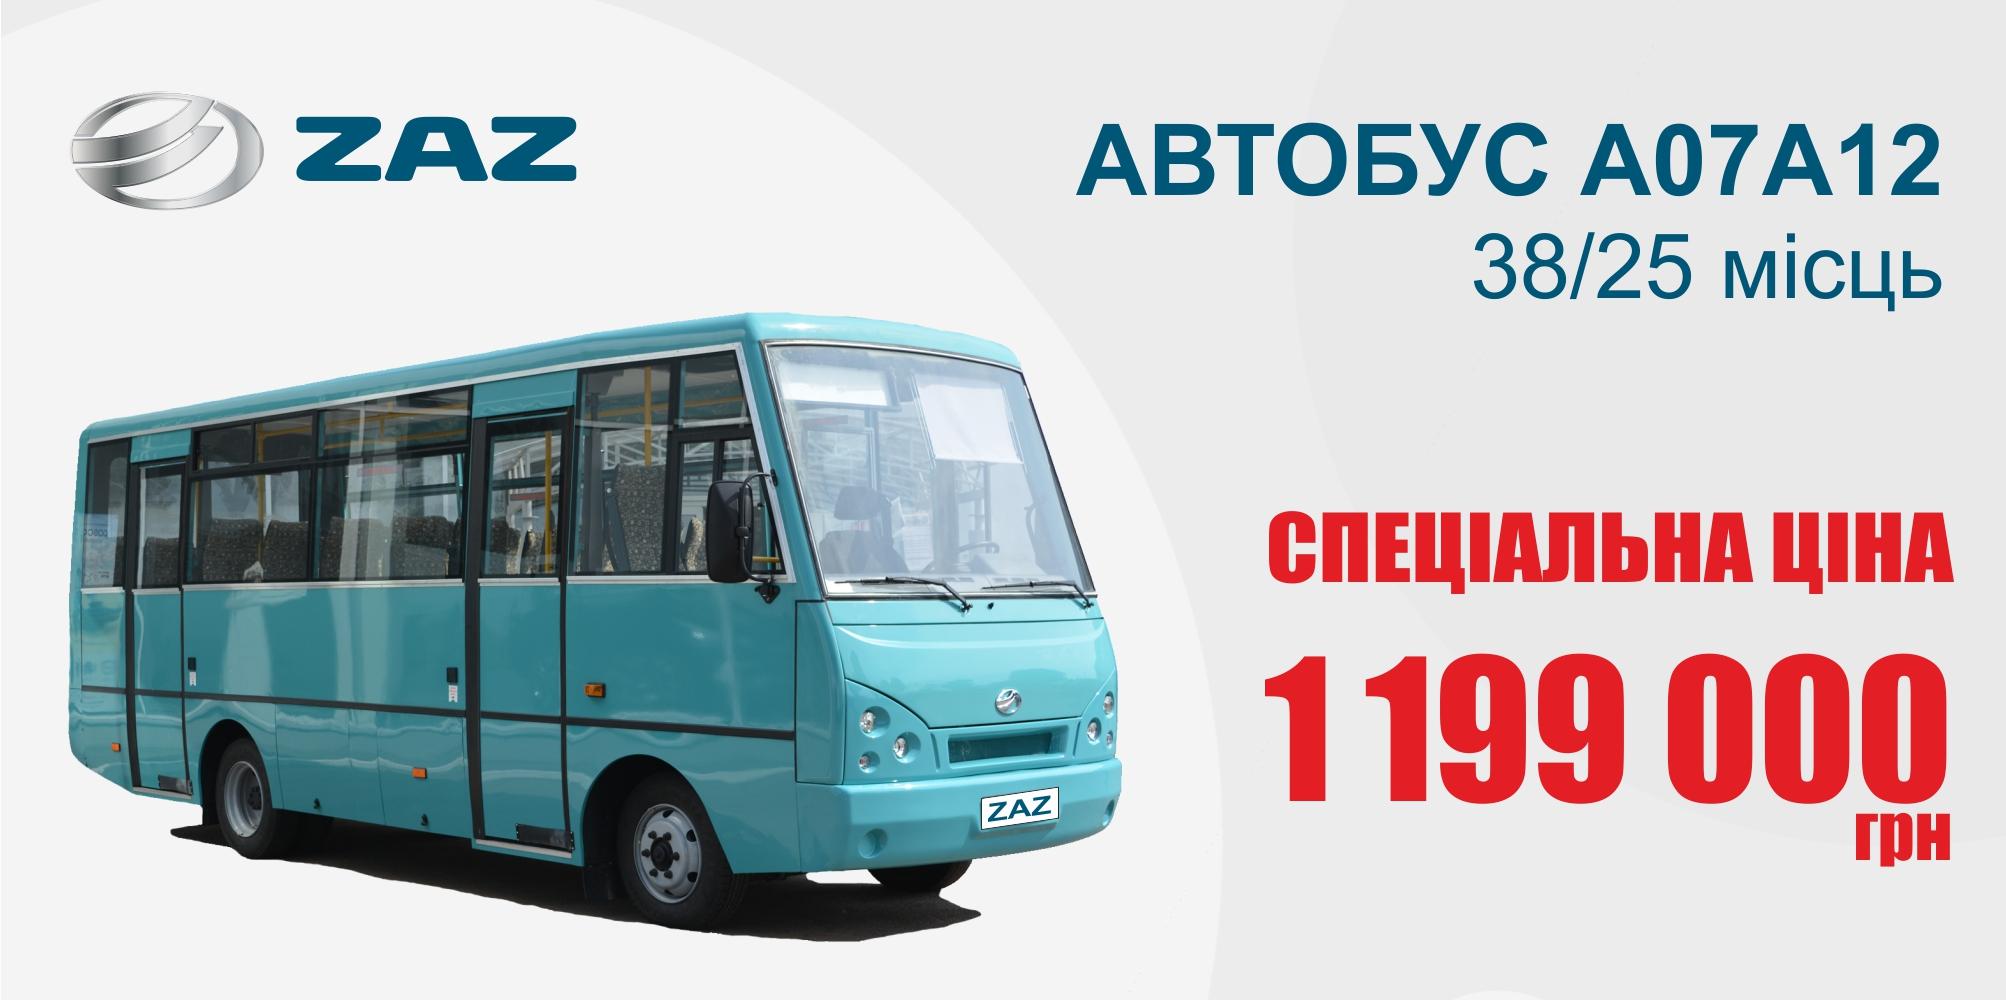 ФІНАЛЬНИЙ РОЗПРОДАЖ: автобус ЗАЗ А07 за спеціальною ціною 1 199 000 гривень